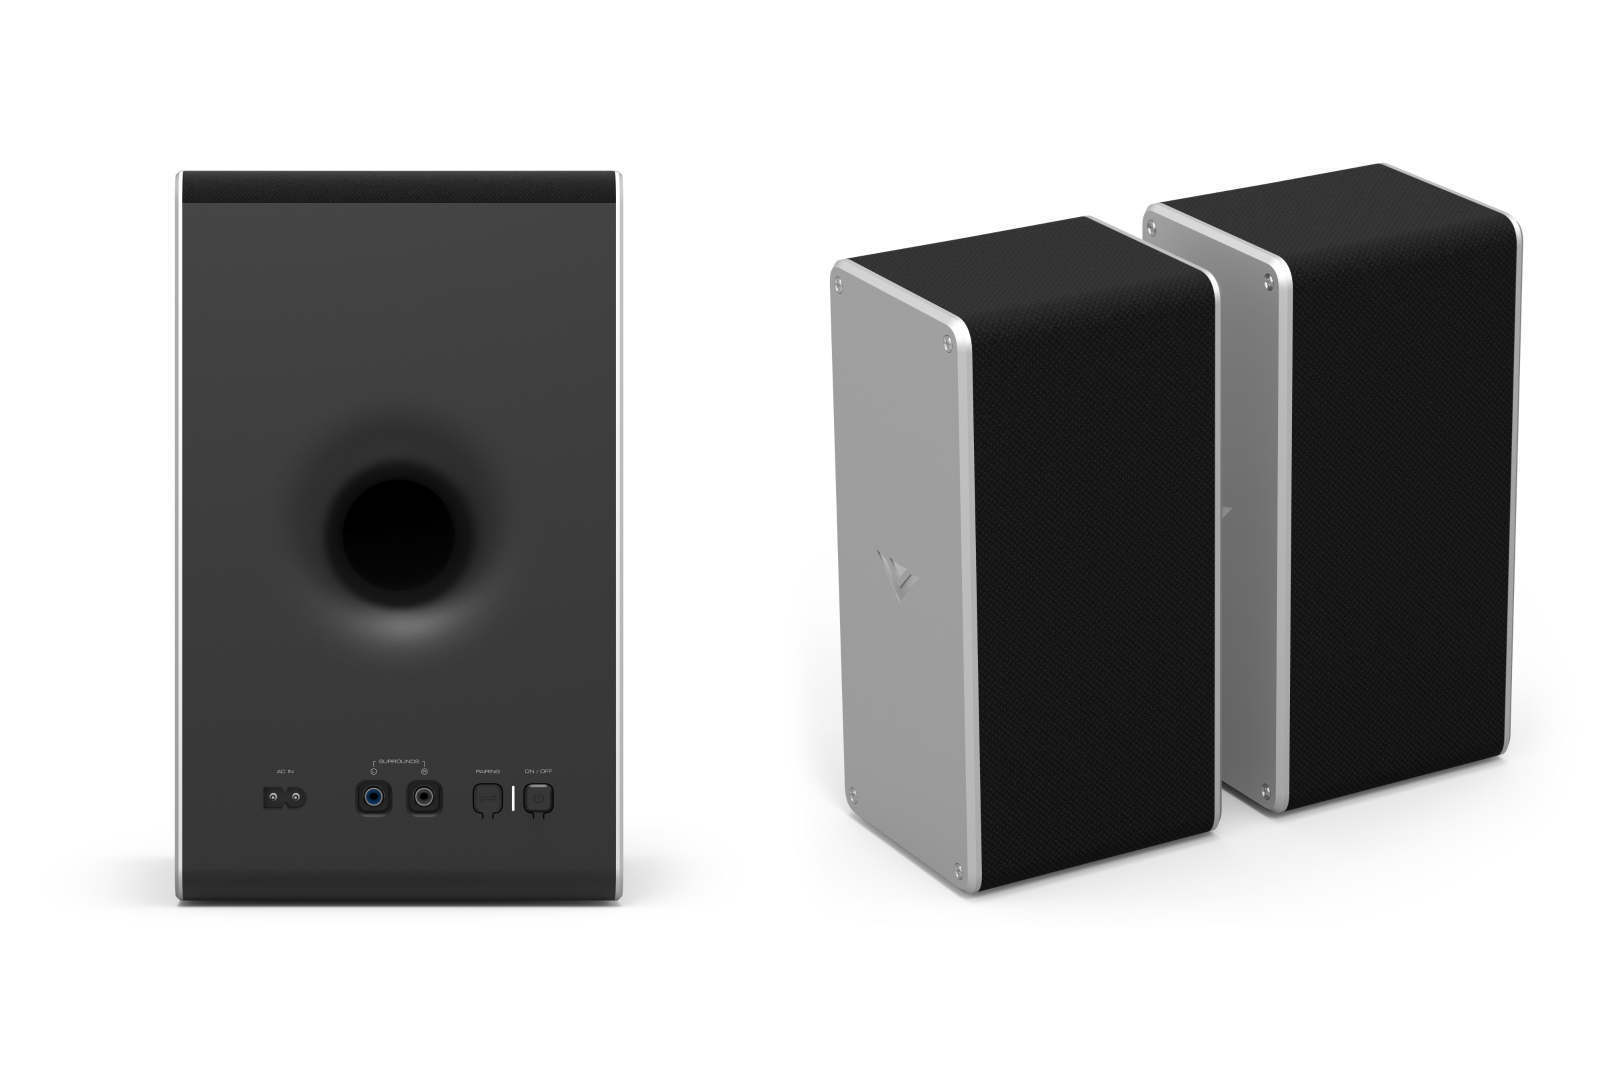 Vizio SB36512-F6 Soundbar